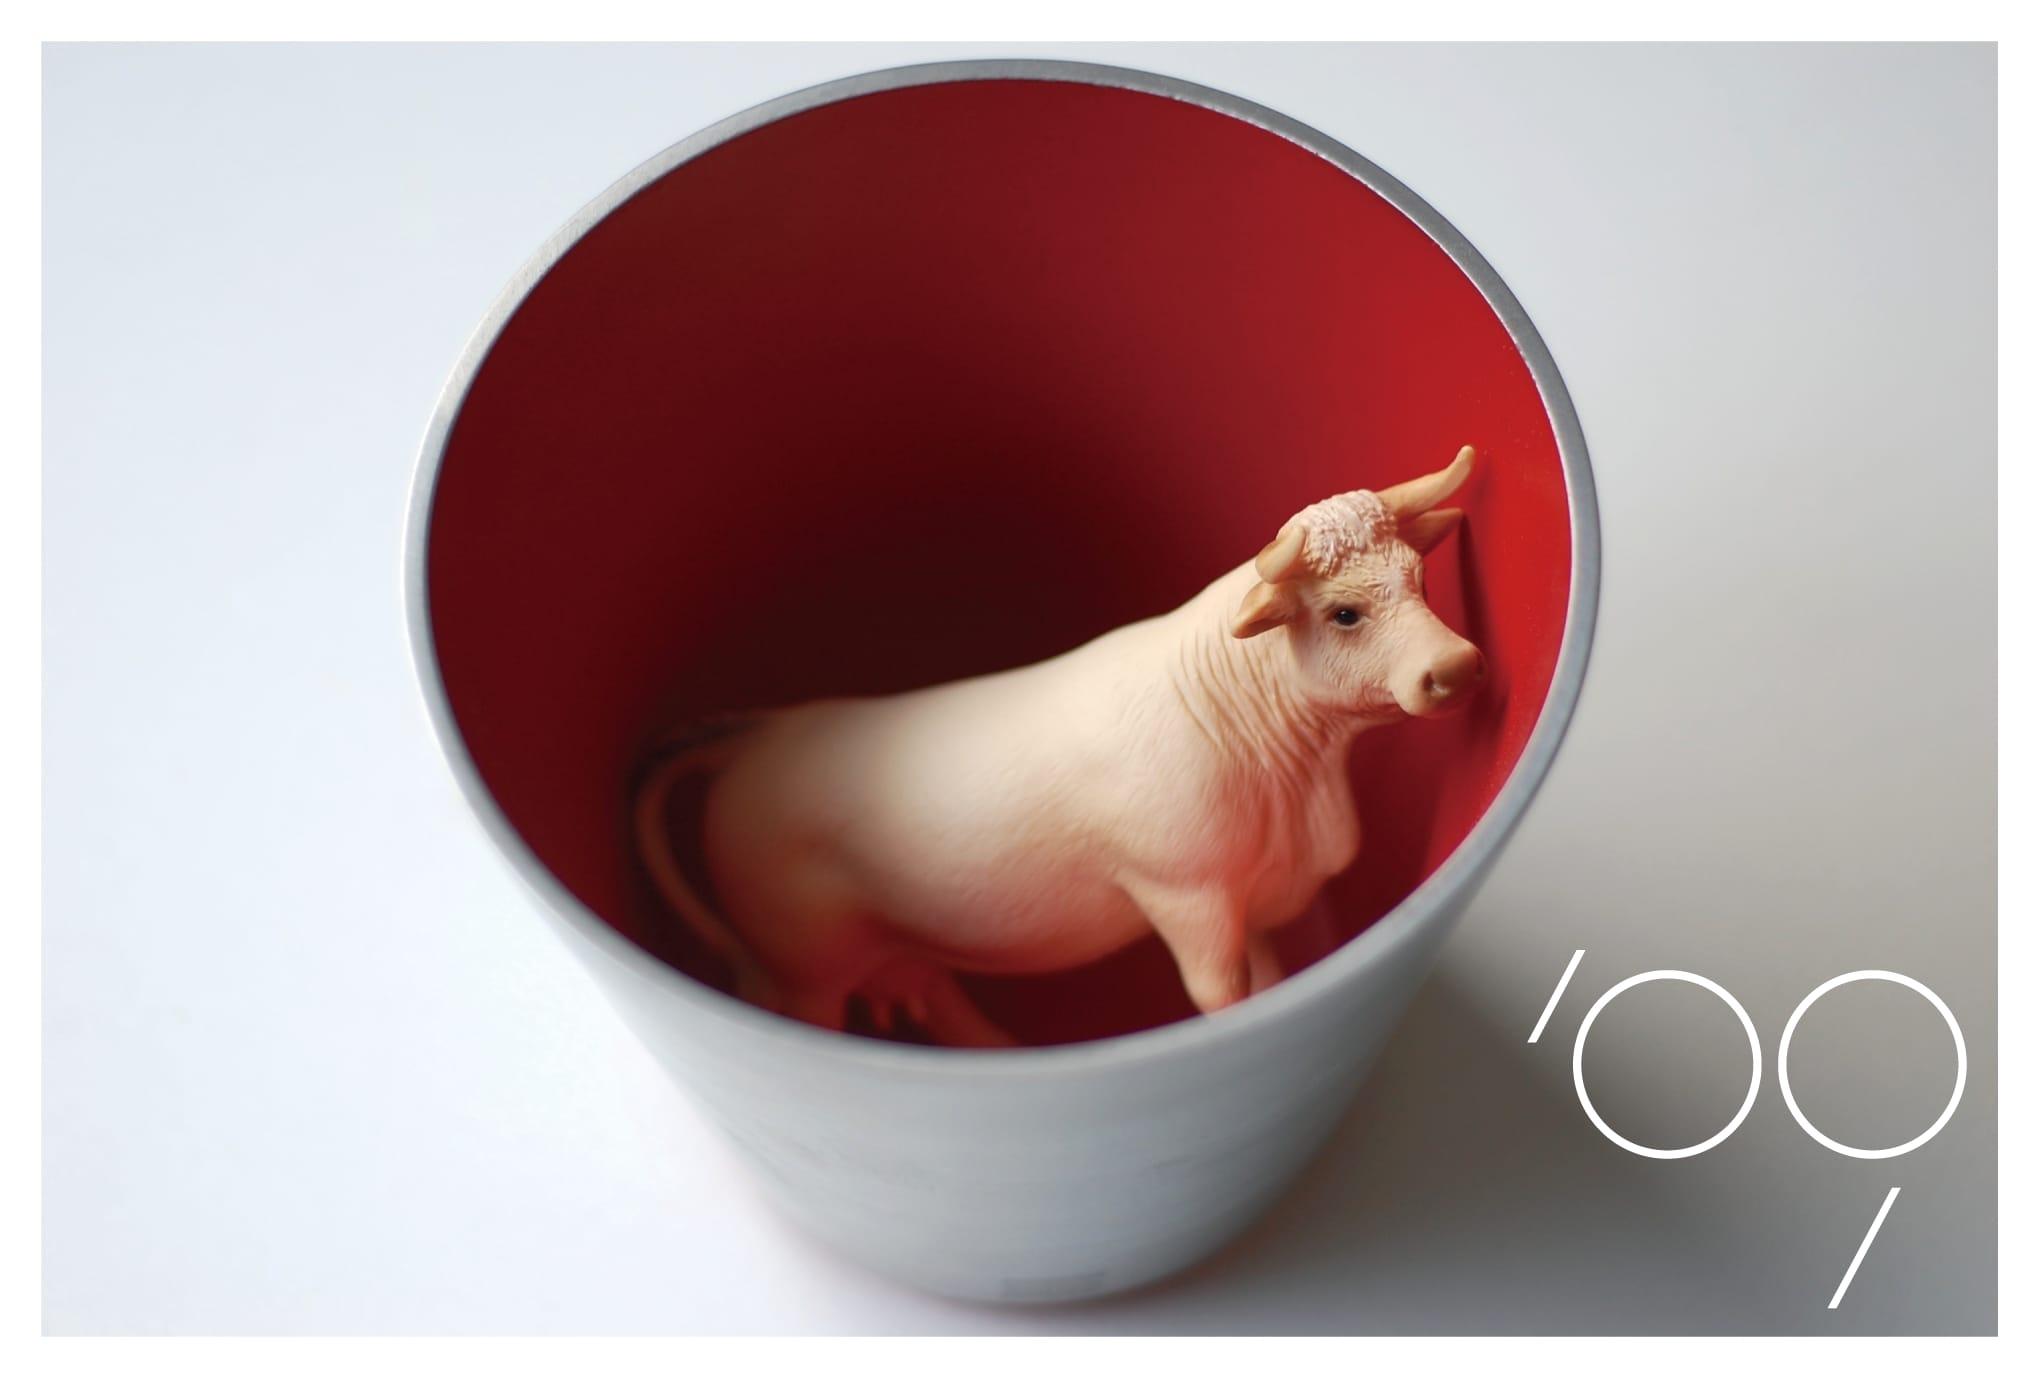 2009年賀状29:赤い鉢の牛のダウンロード画像